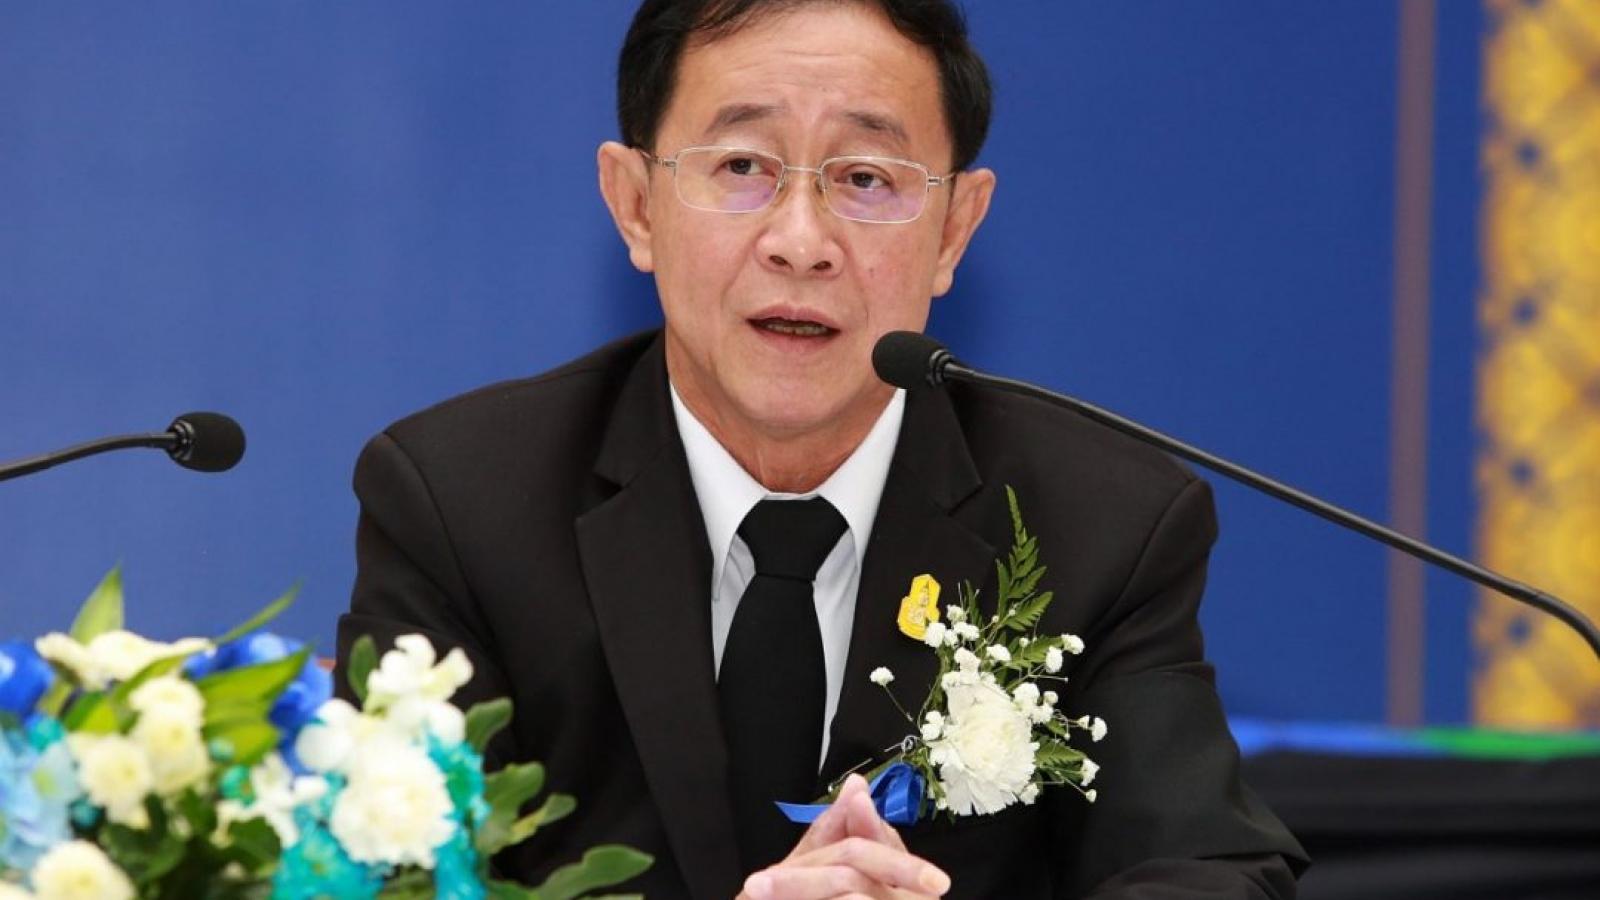 Thái Lan bổ nhiệm Bộ trưởng Tài chính mới